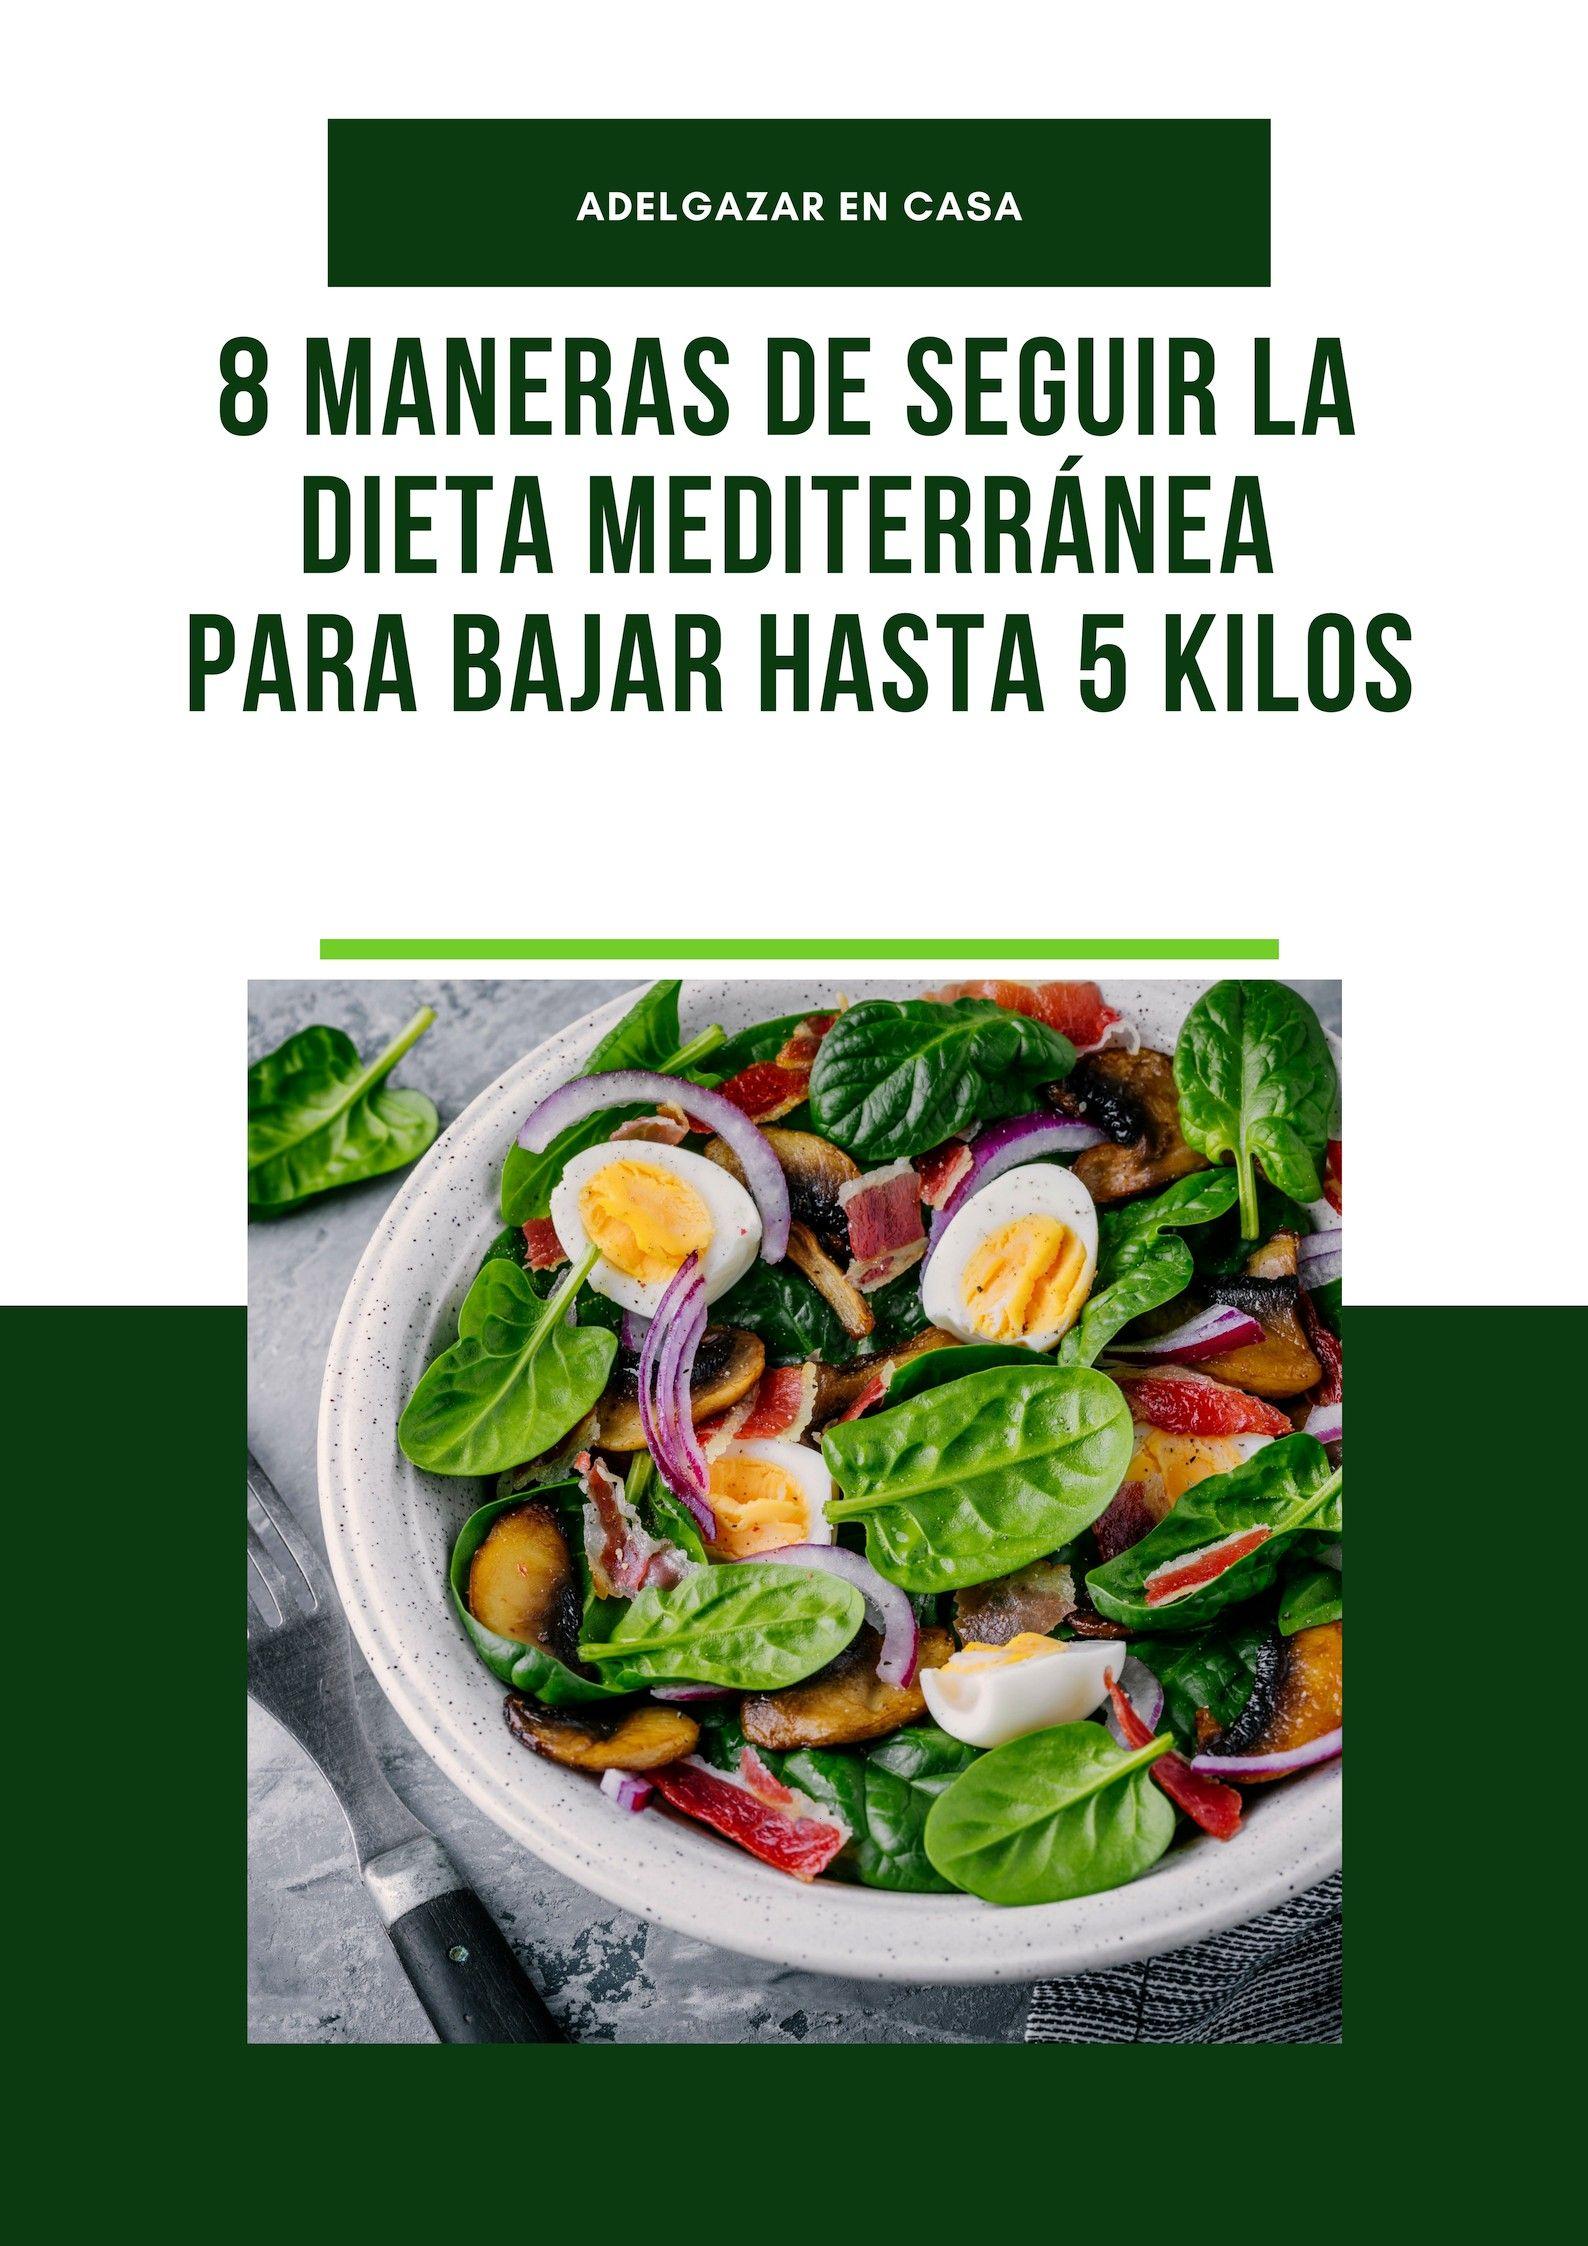 tips para que la dieta mediterránea te ayude a bajar hasta 5 kilos  Adelgazar en casaadelgazar 8 tips para que la dieta mediterránea te ayude a bajar hasta...